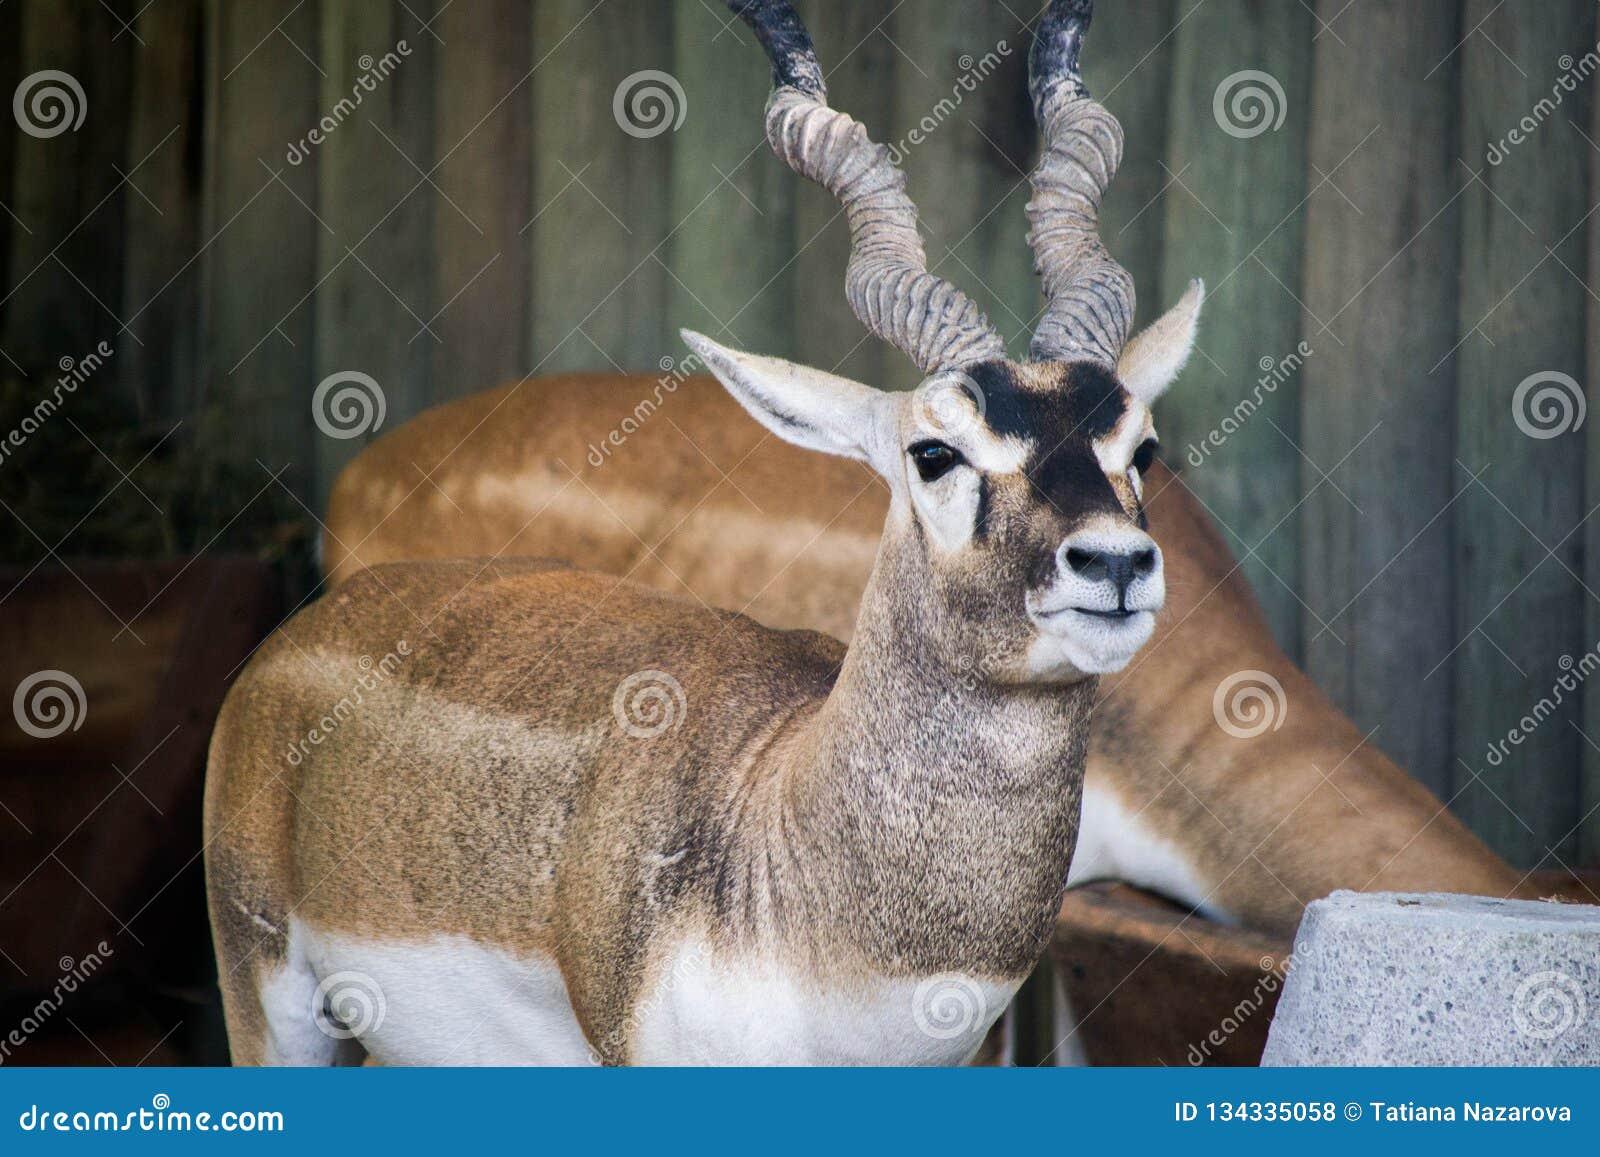 Kudu at the zoo